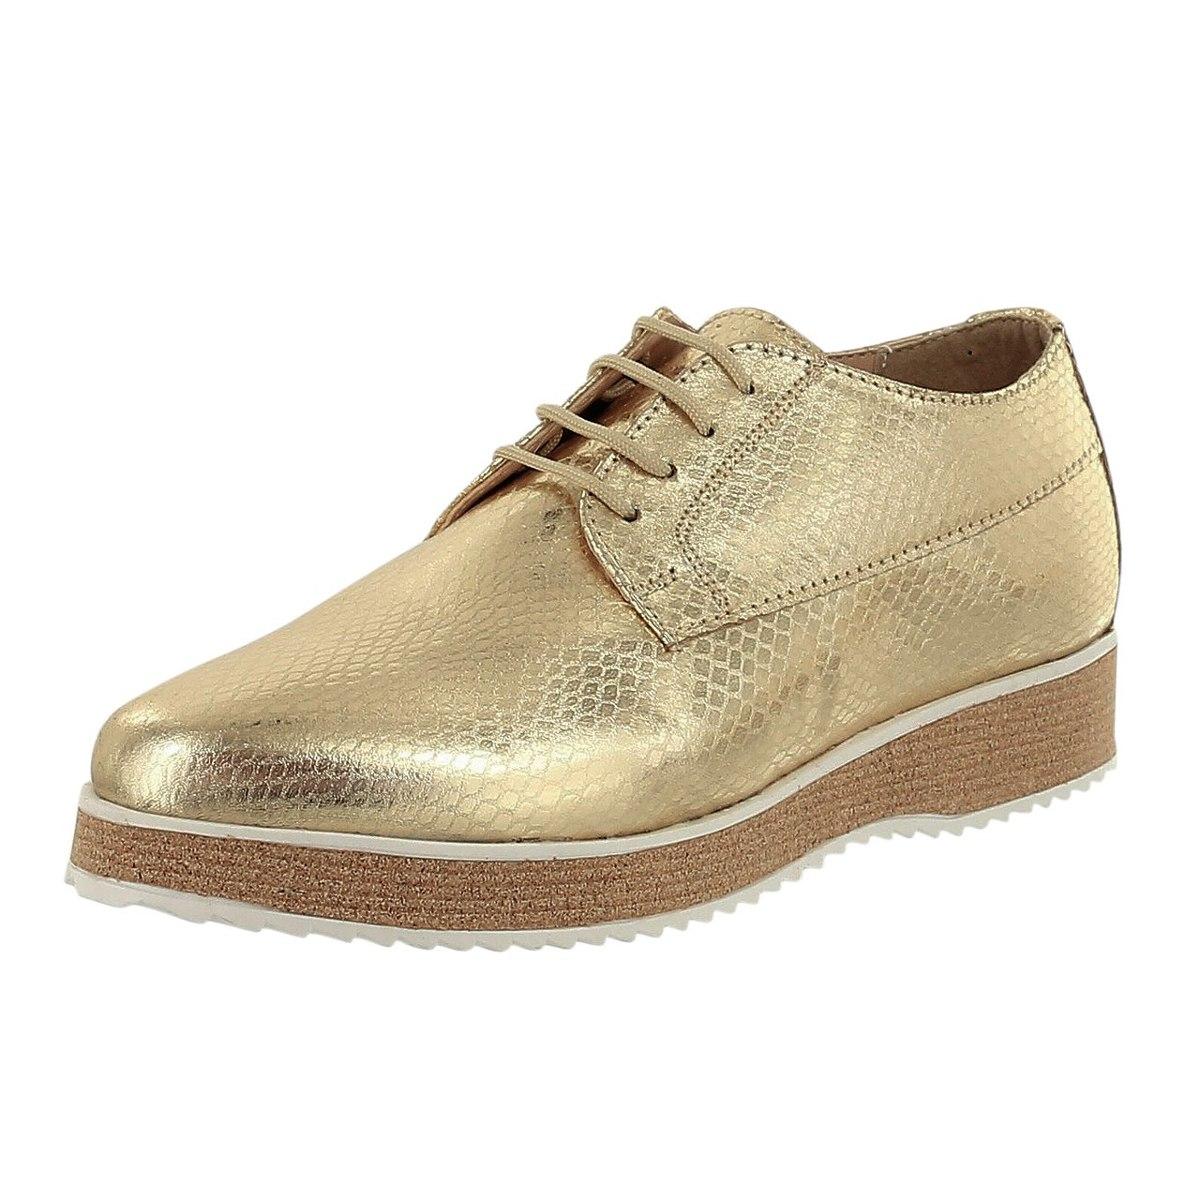 454ebb51 Zapato Derby Dama Mujer Calzado Moderno Dorothy Gaynor - $ 605.00 en ...